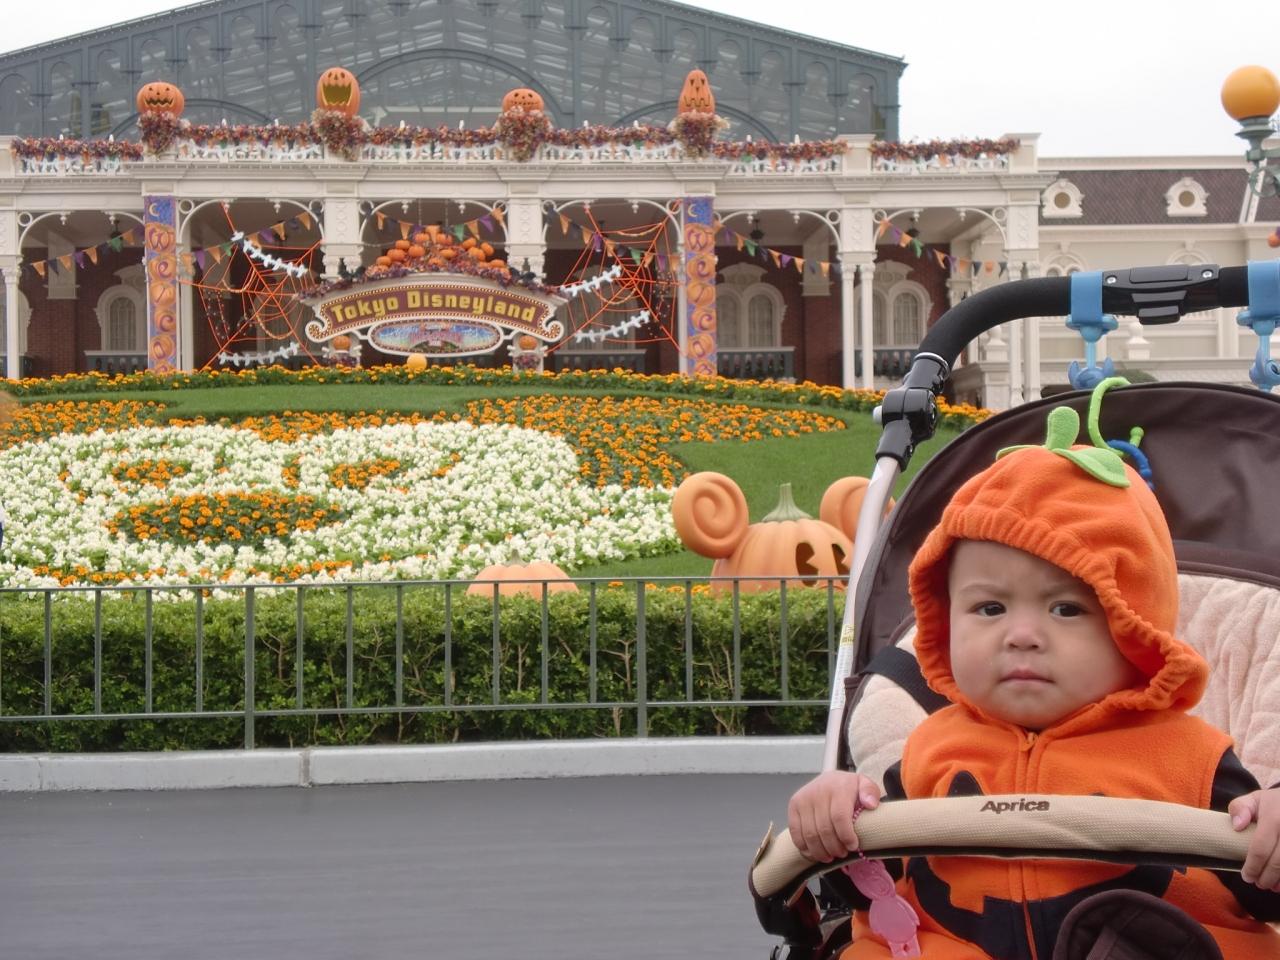 赤ちゃん連れディズニーランド 』東京ディズニーリゾート(千葉県)の旅行